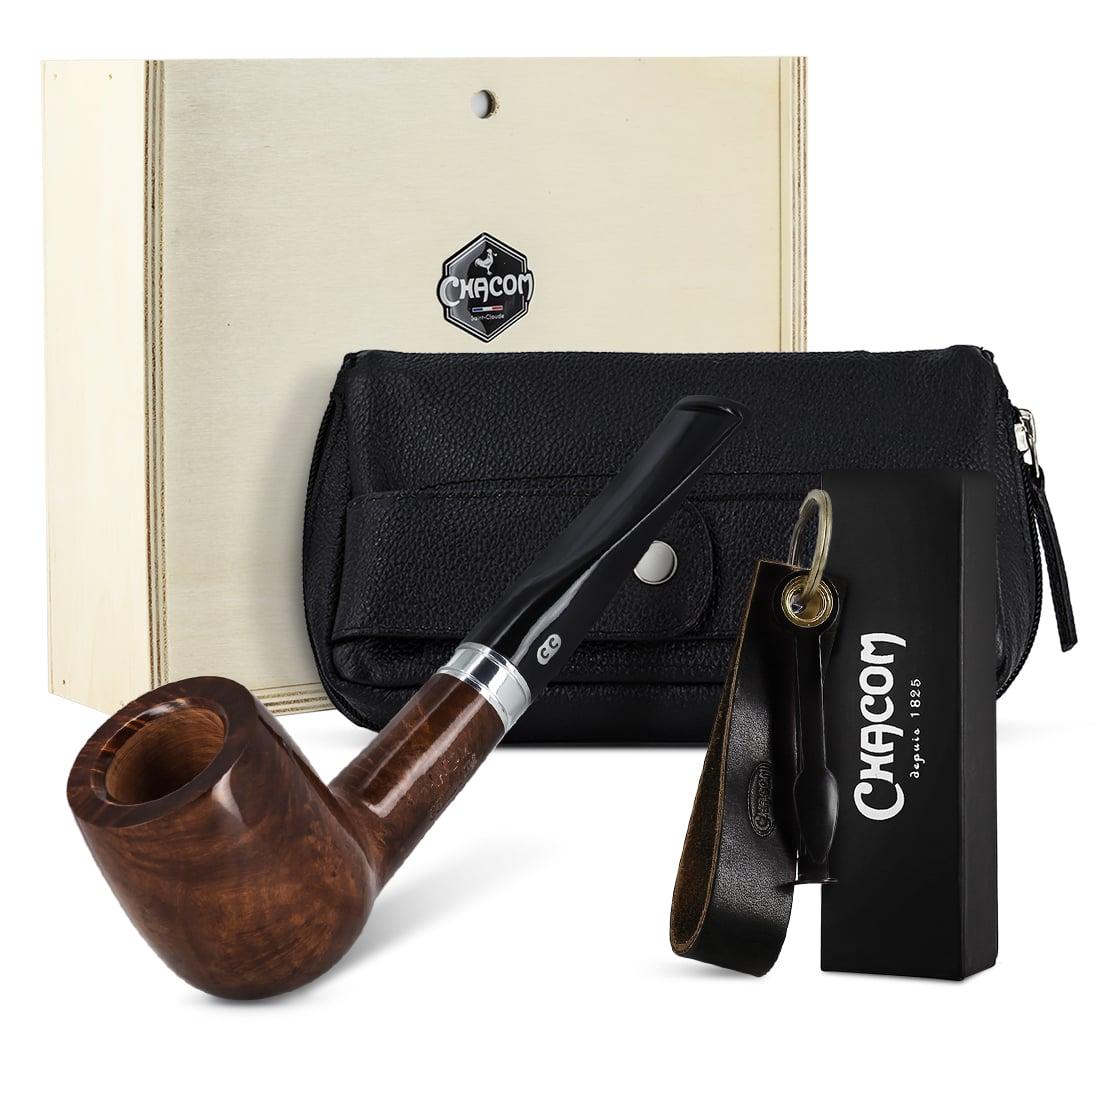 Photo de Coffret Pipe Chacom Premium Set Droit Classique Complet